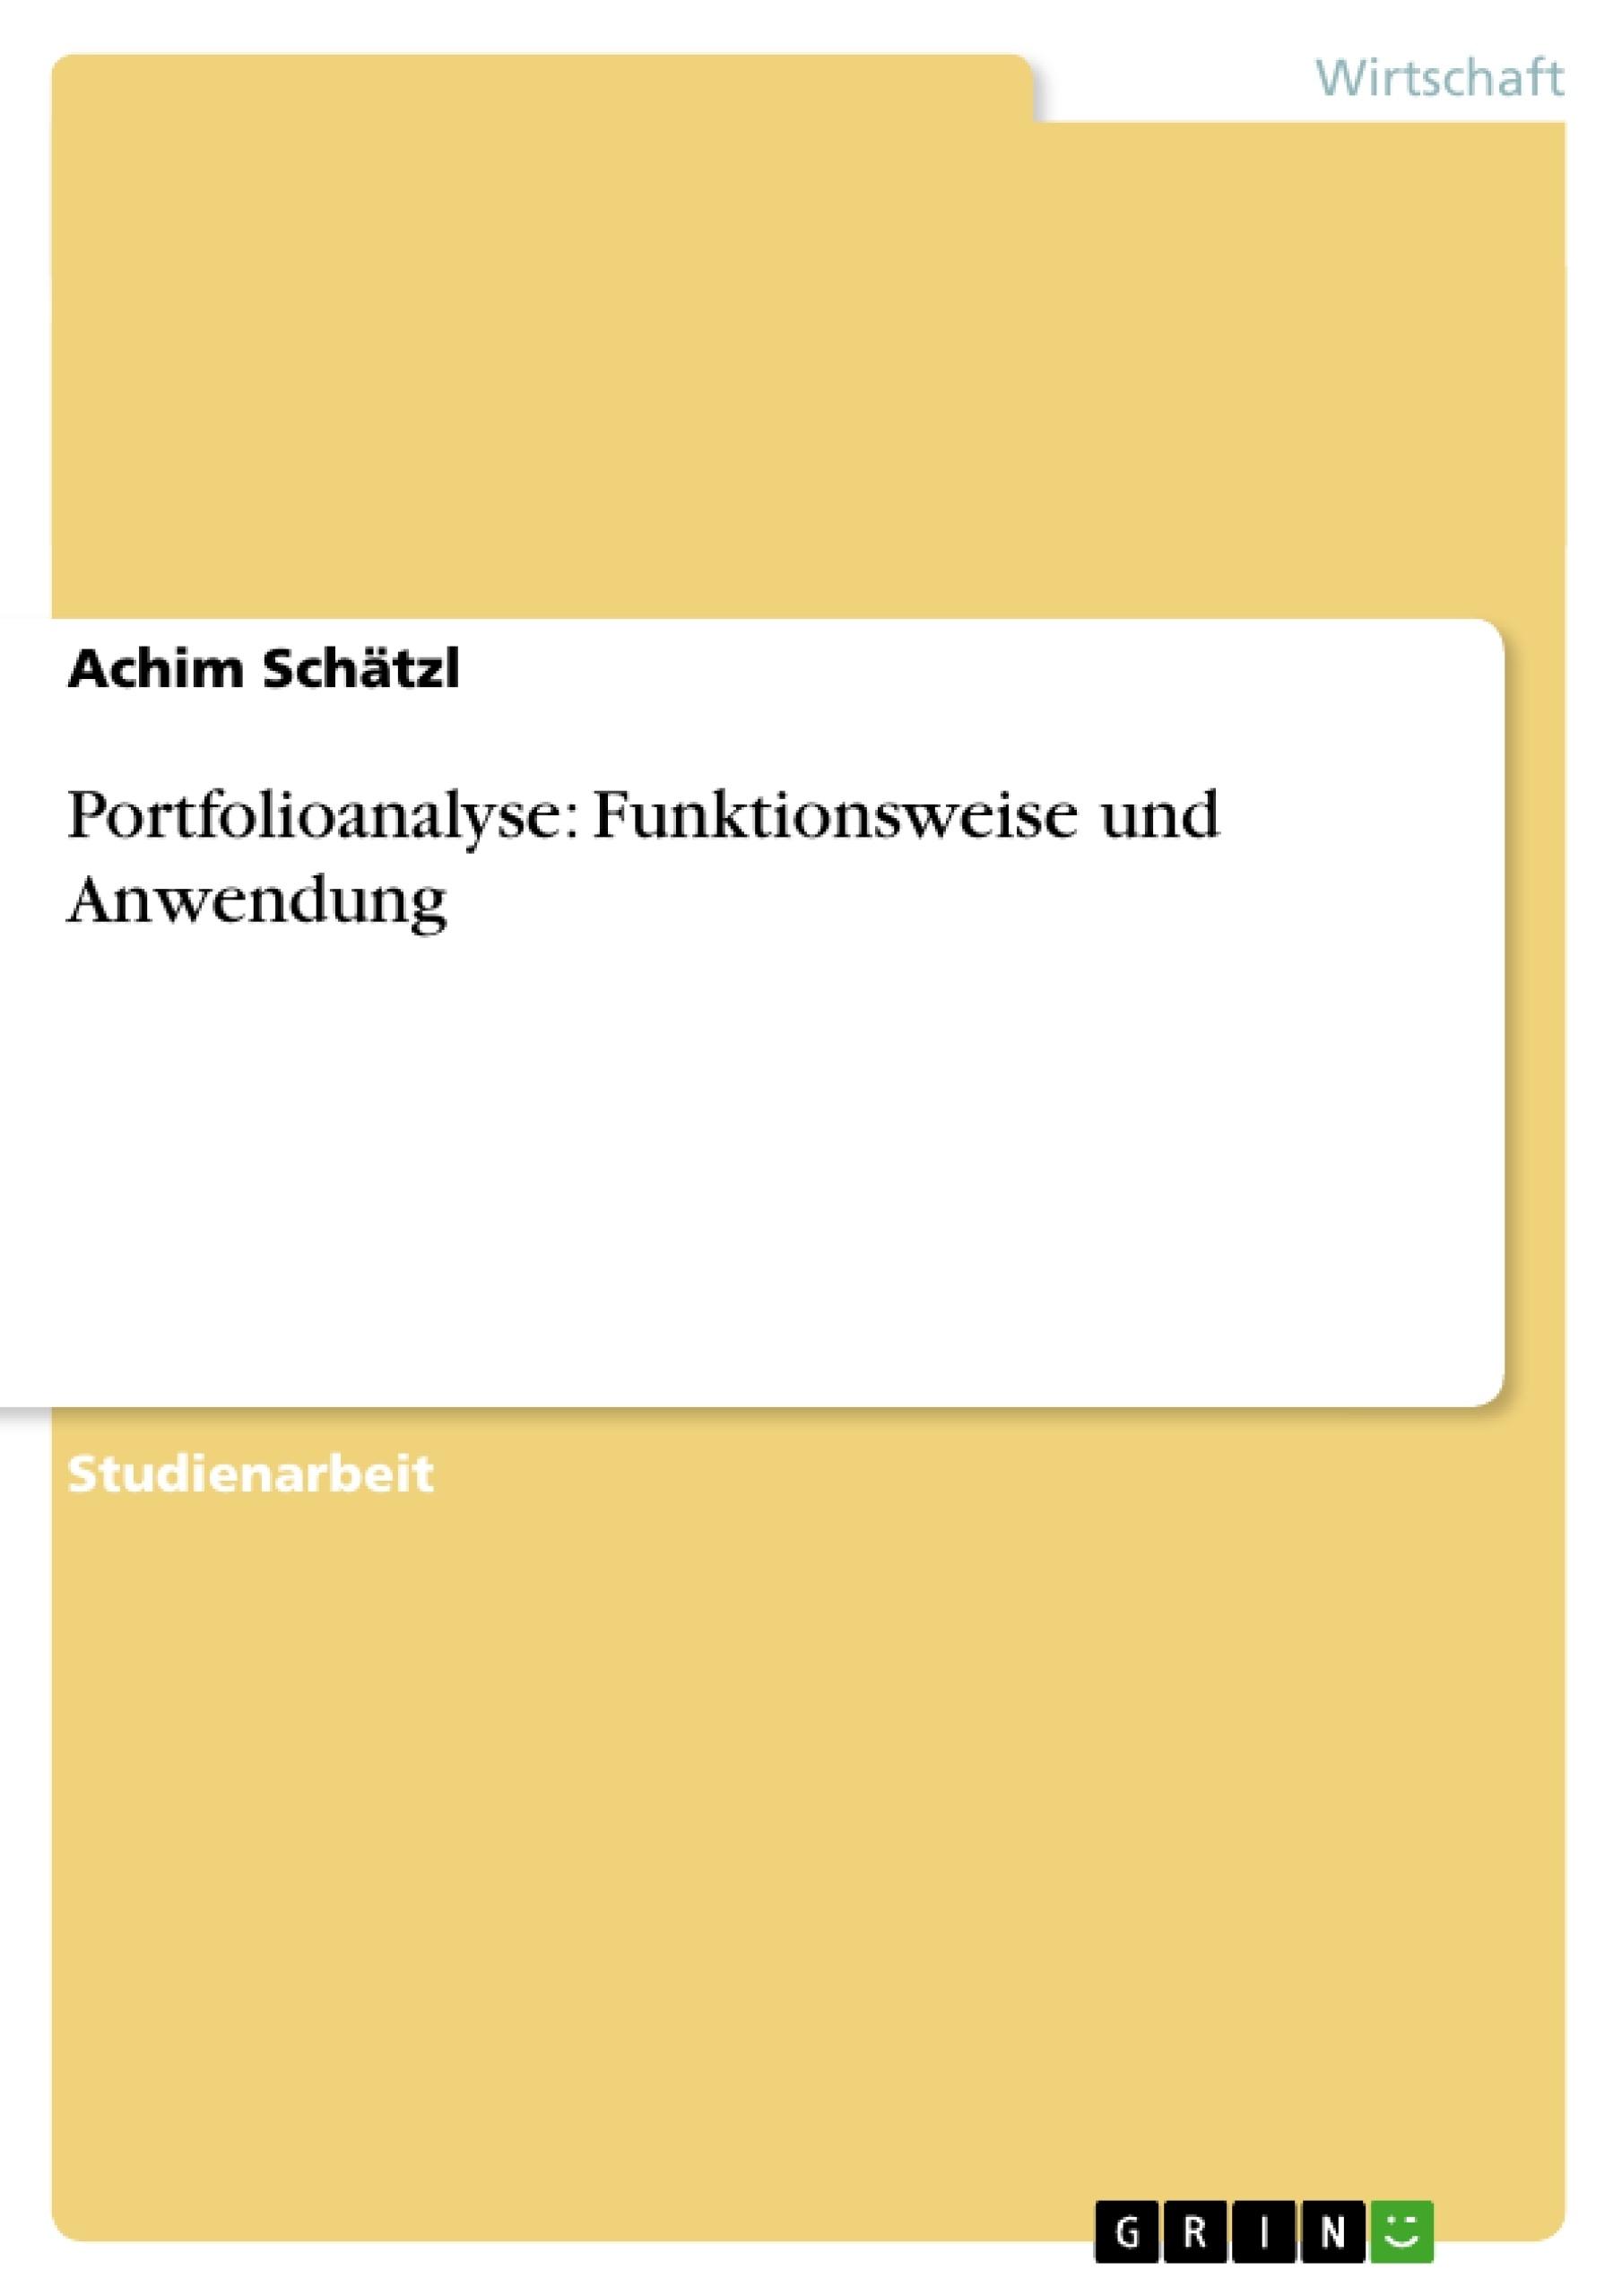 Portfolioanalyse funktionsweise und anwendung for Hausarbeit klassisches projektmanagement